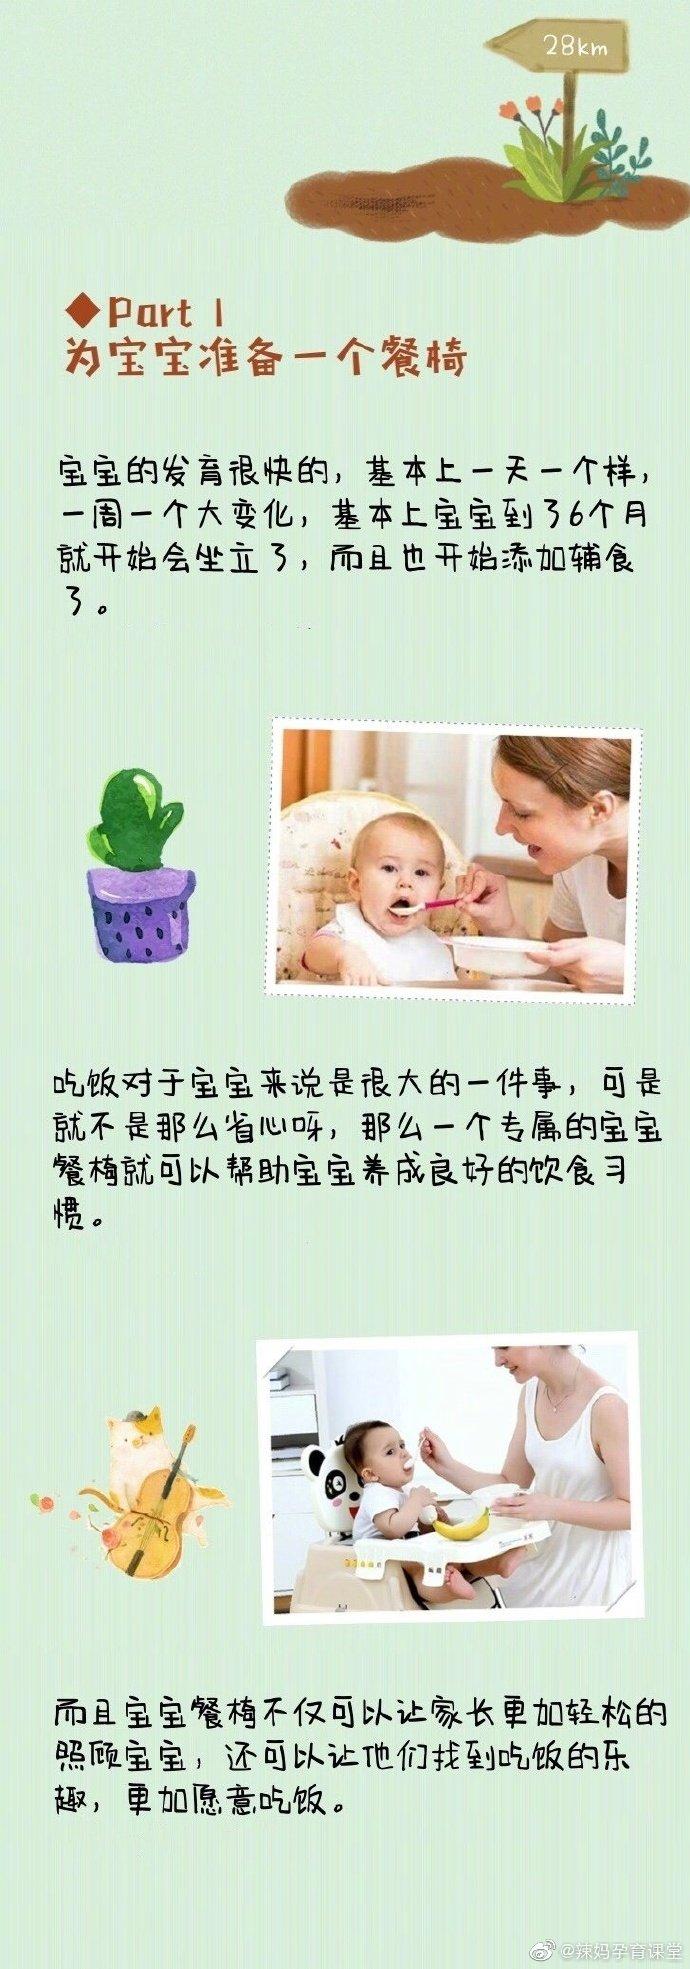 培养孩子的独立生活能力是一项长期、繁琐、细致的工作